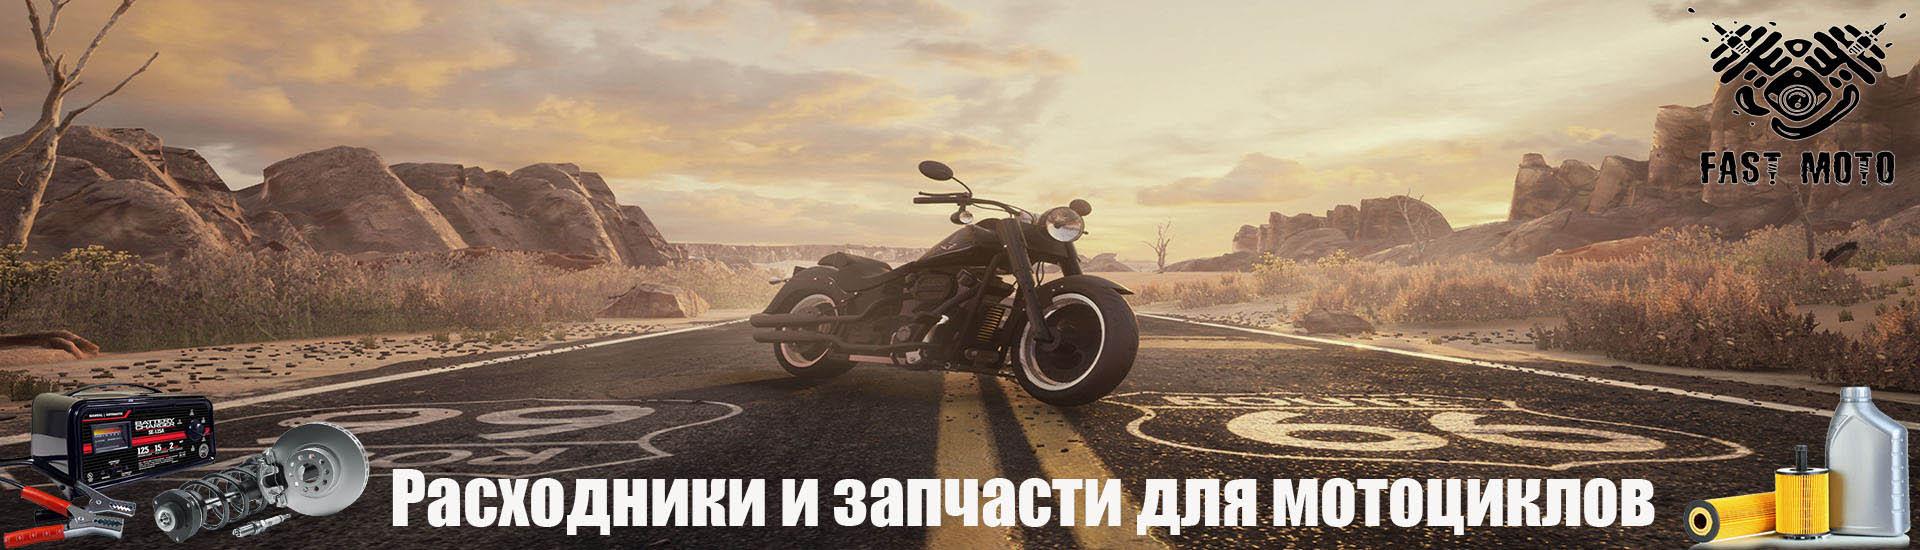 banner_fast-moto_optim